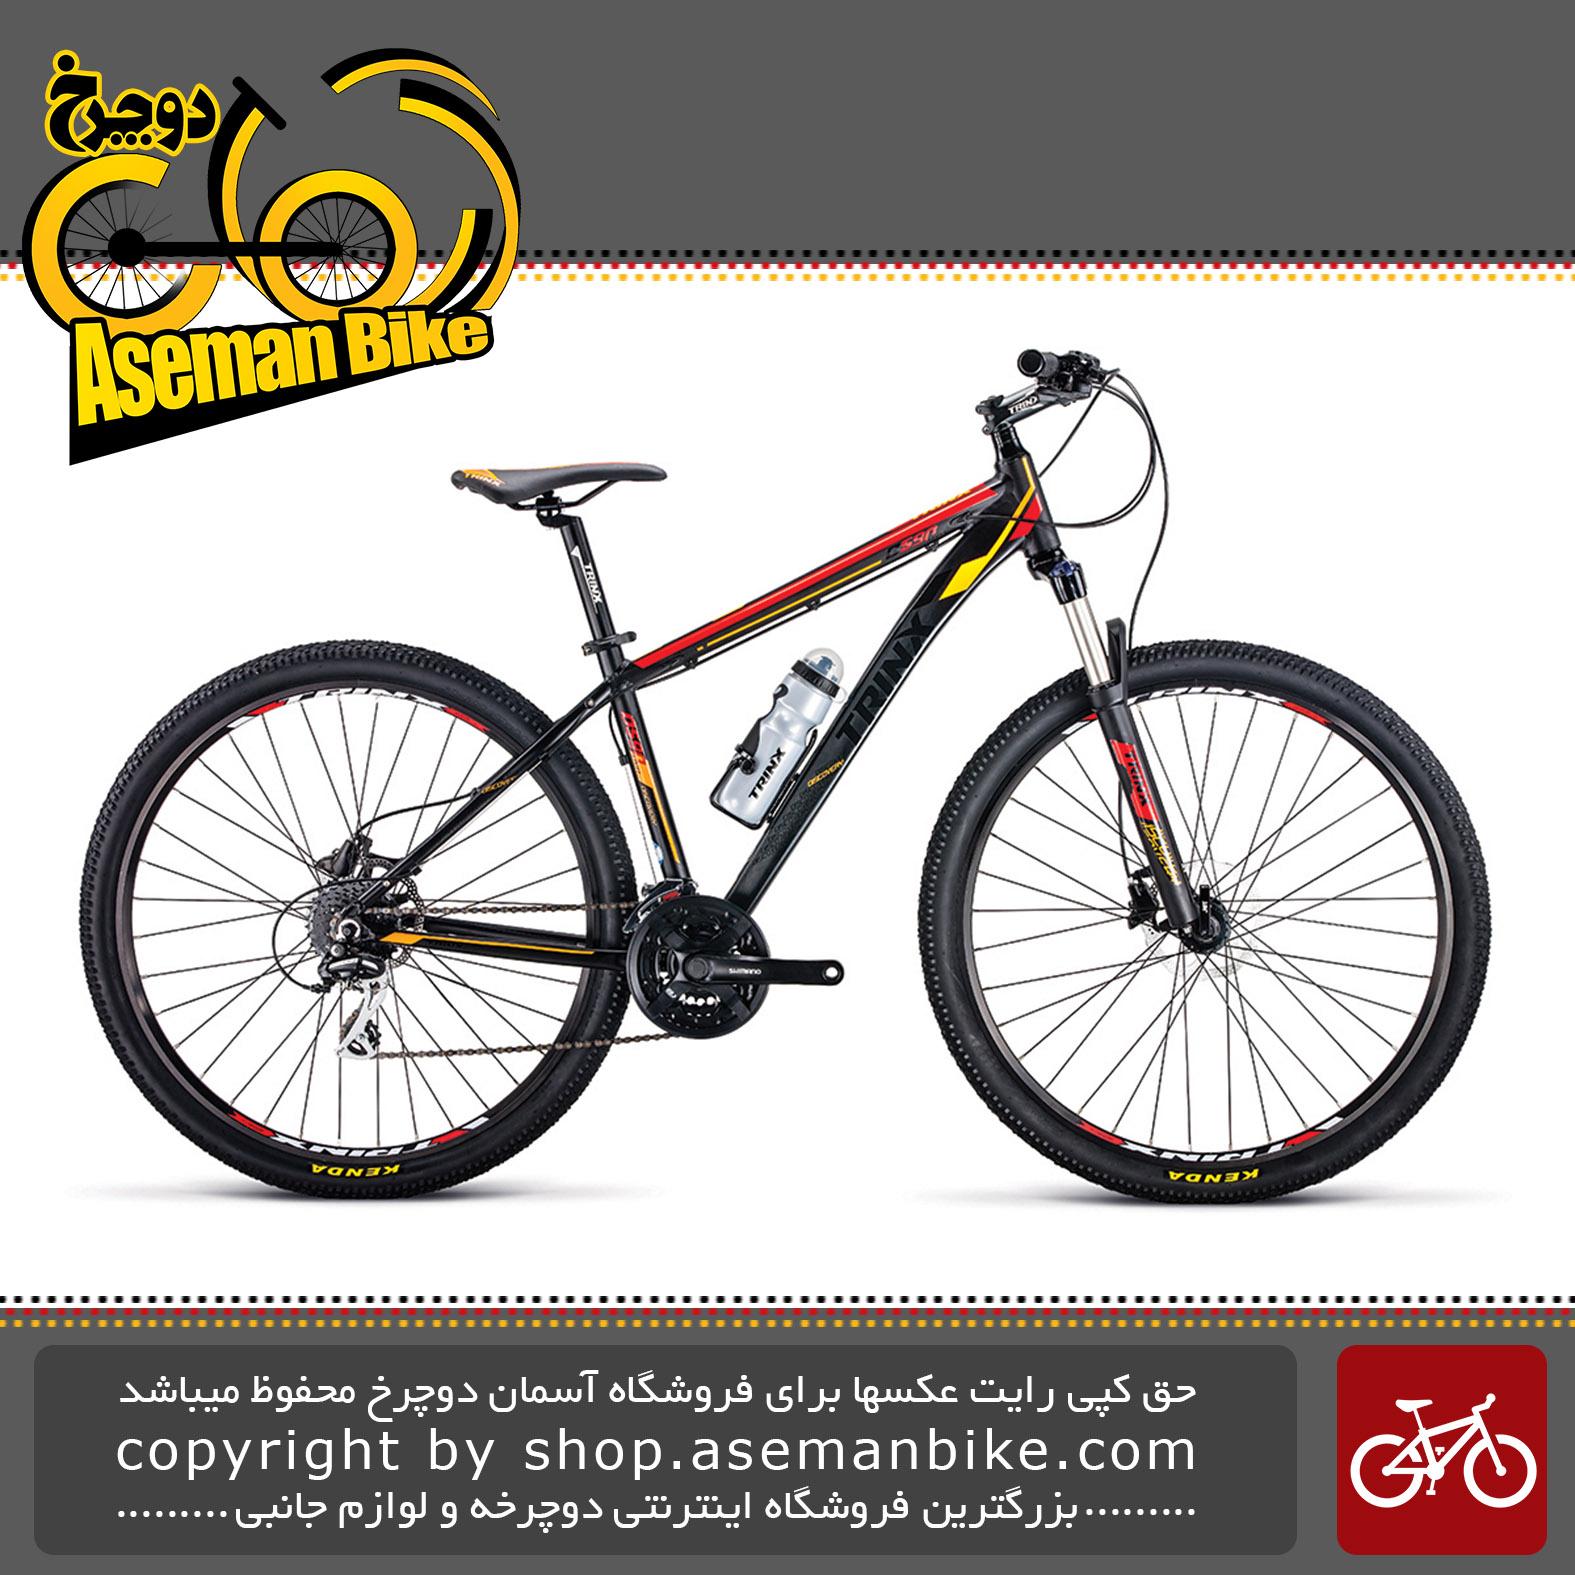 دوچرخه کوهستان ترینکس مدل D 590 سایز Trinx D 590 29